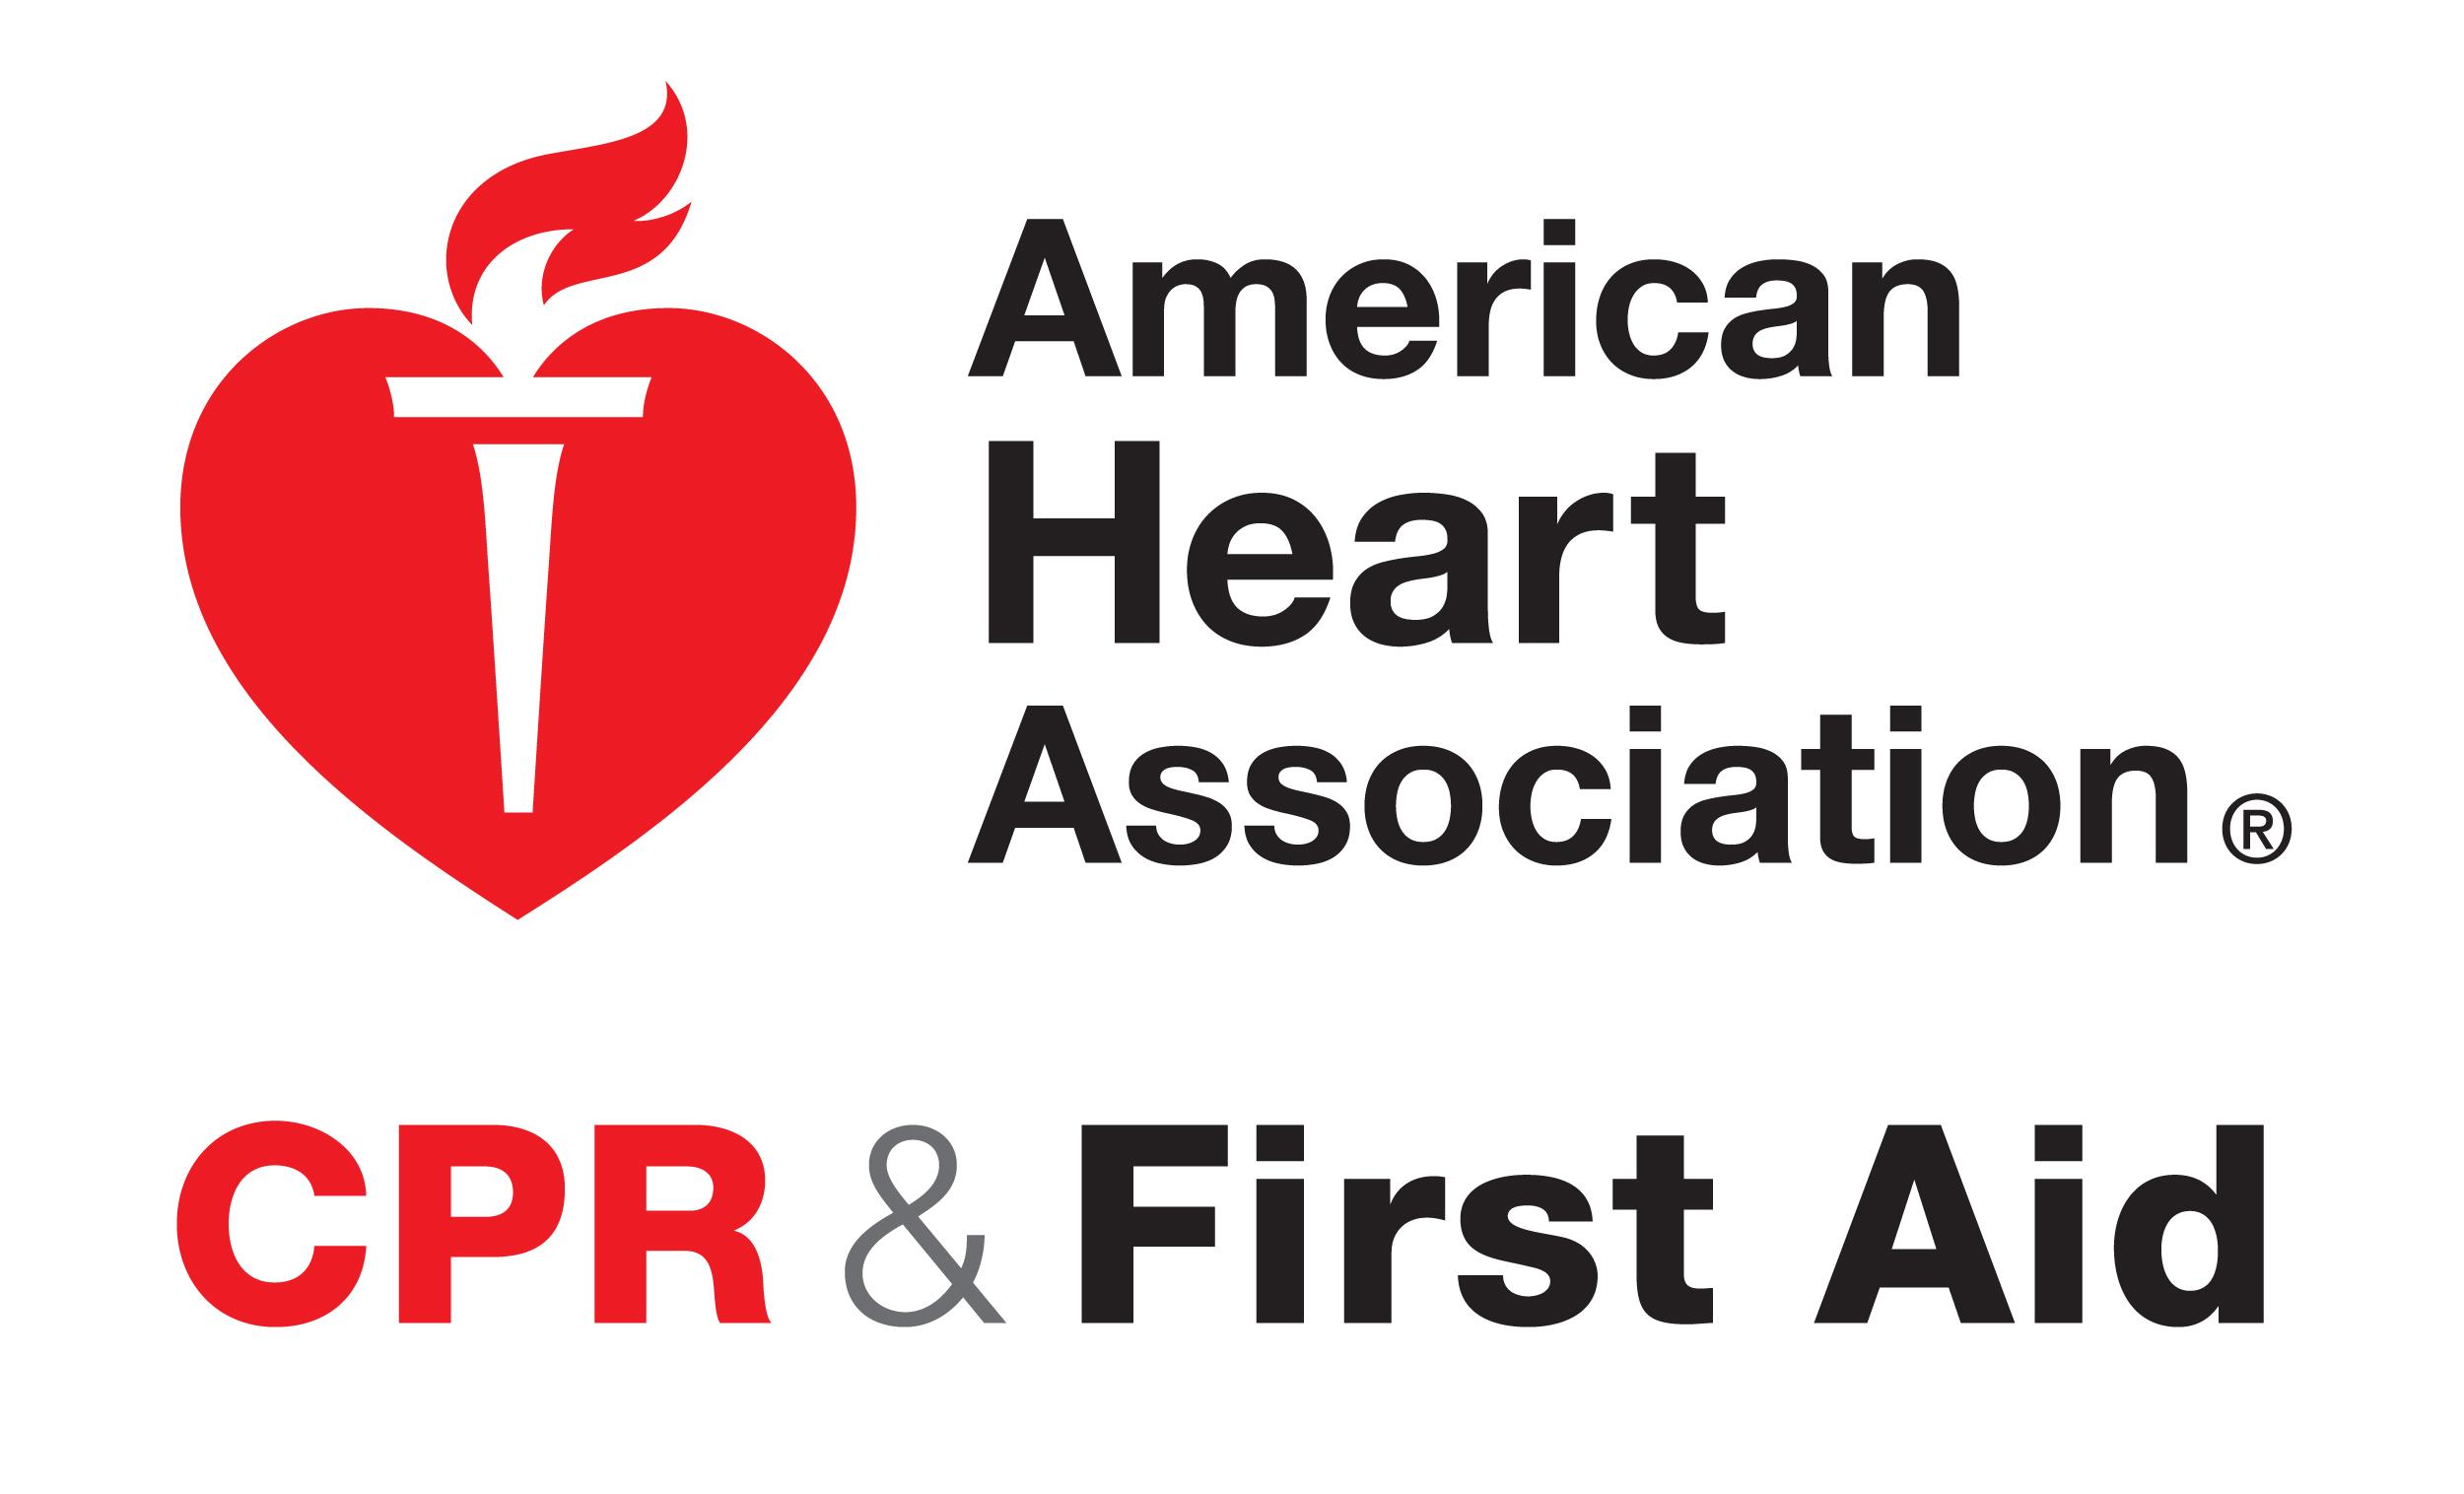 CPR_First_Aid_logo2.jpg